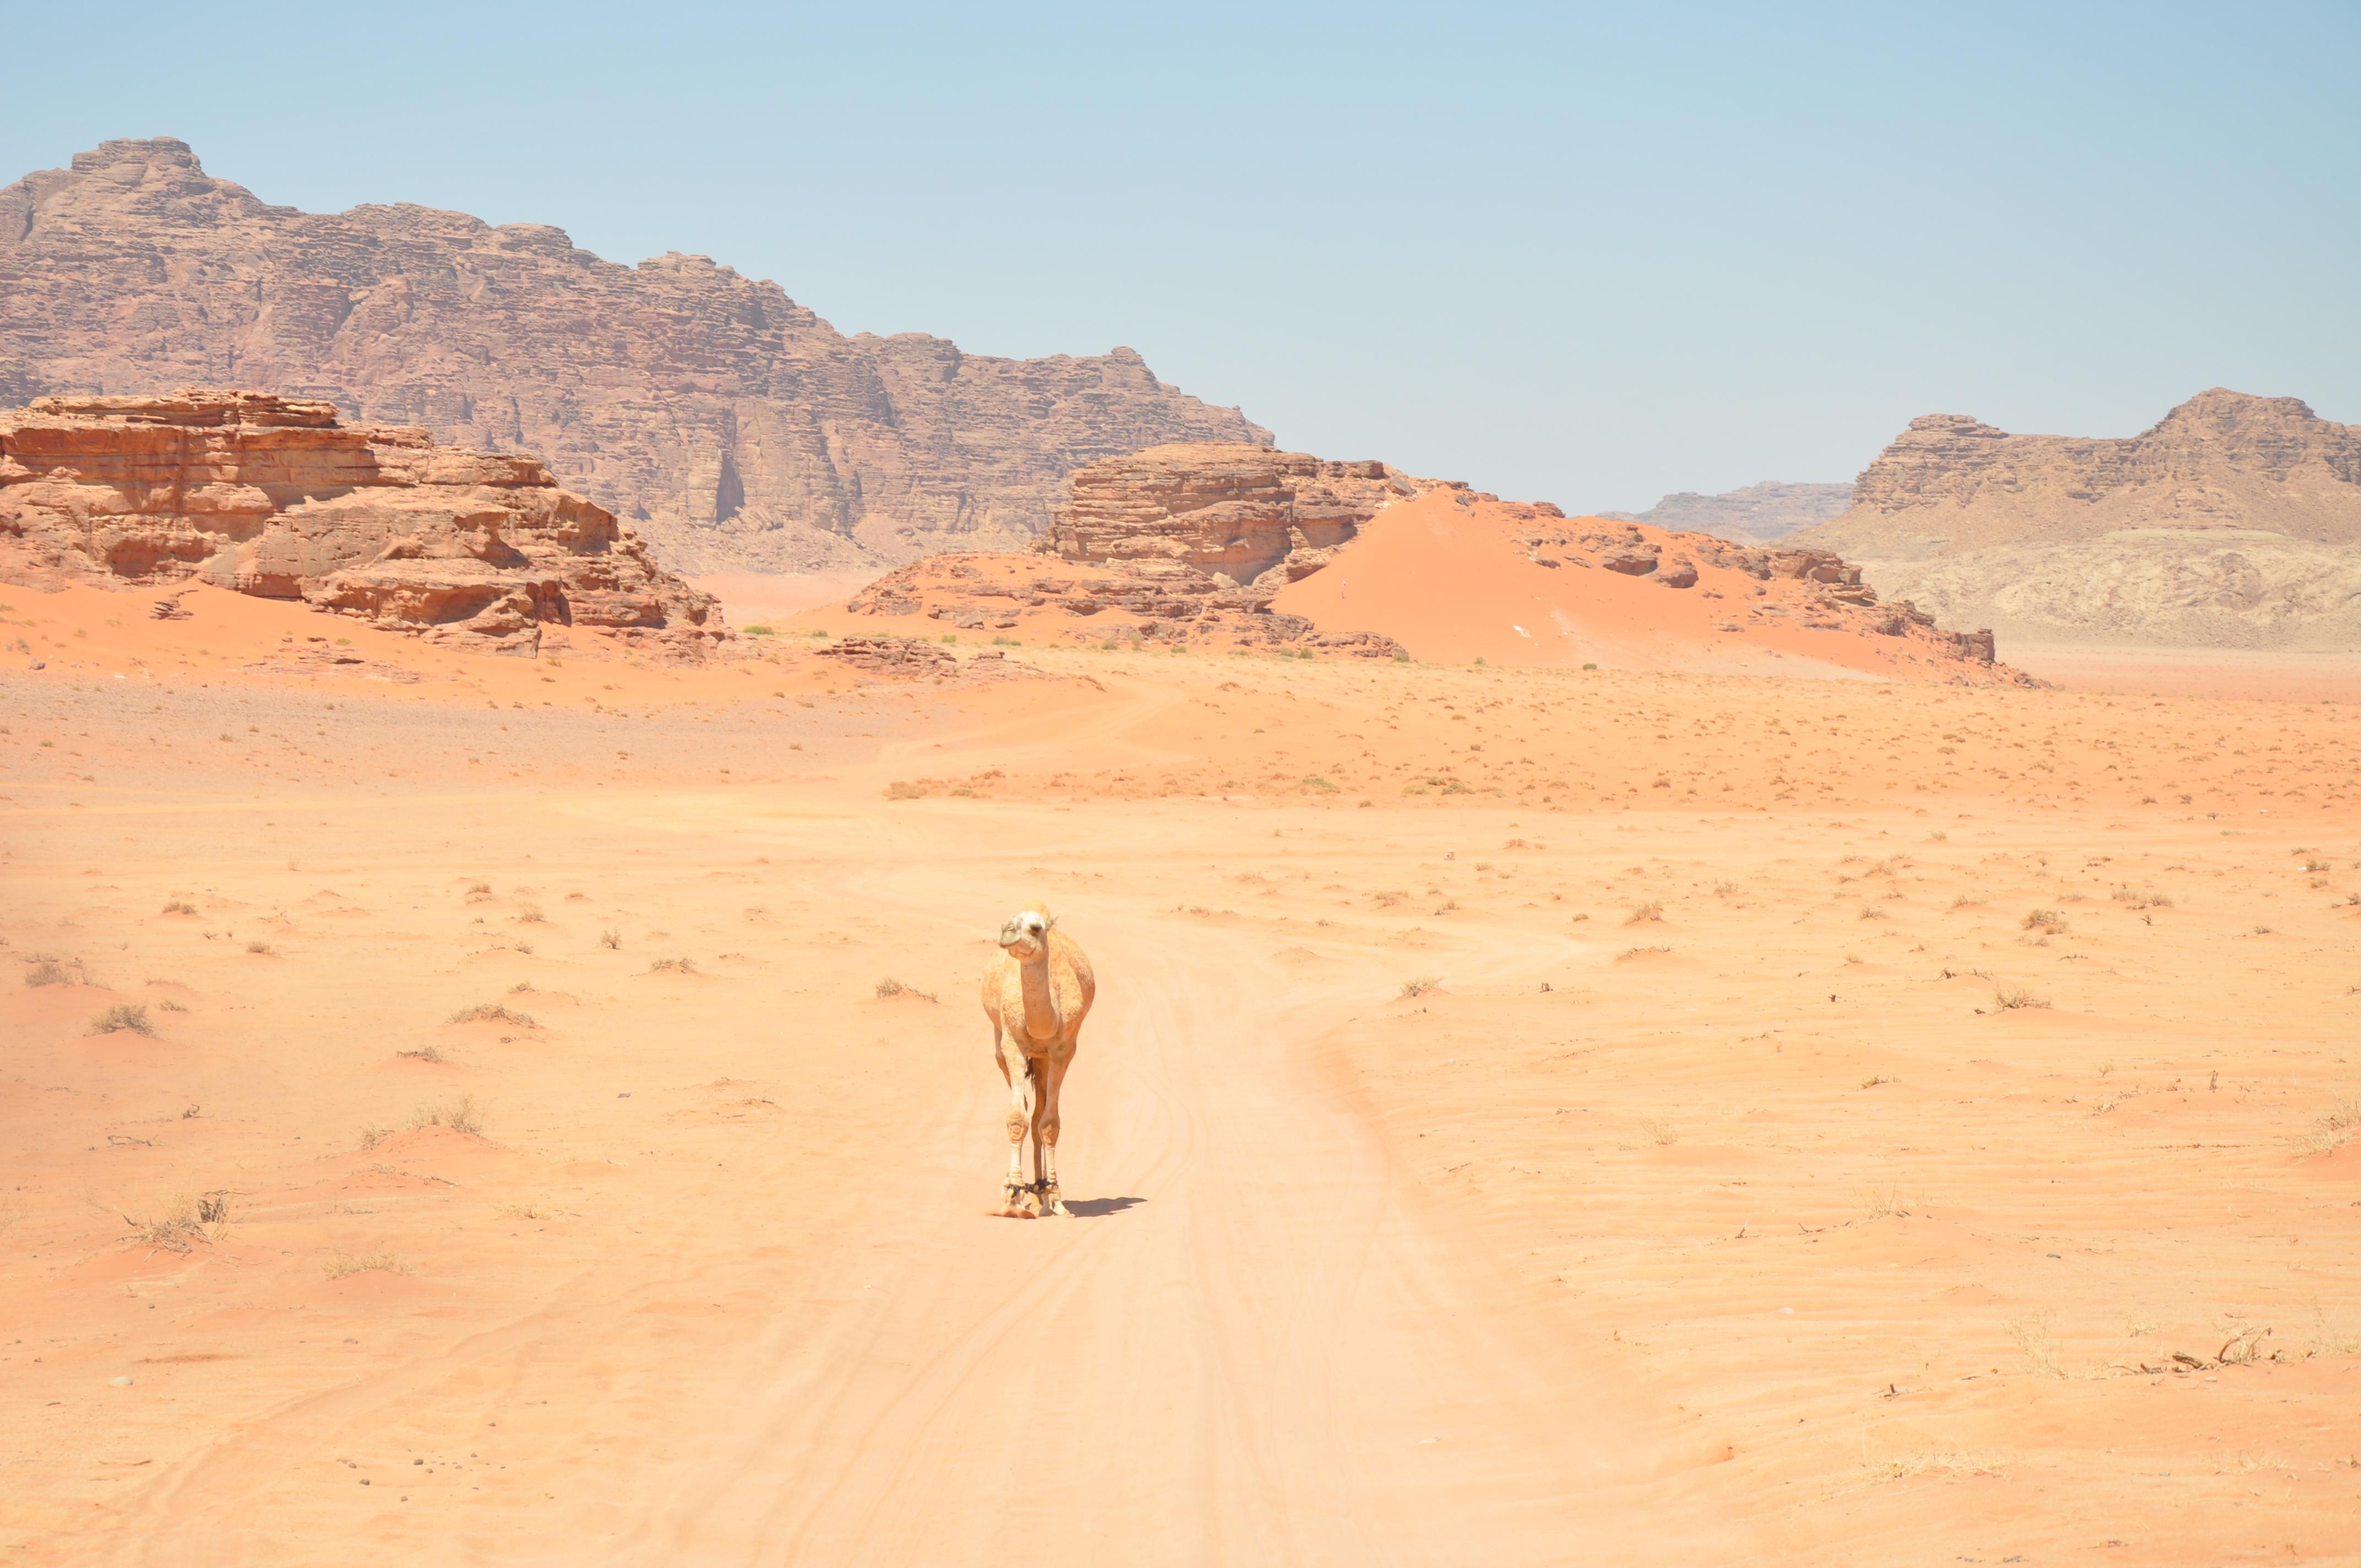 Desert landscape photo